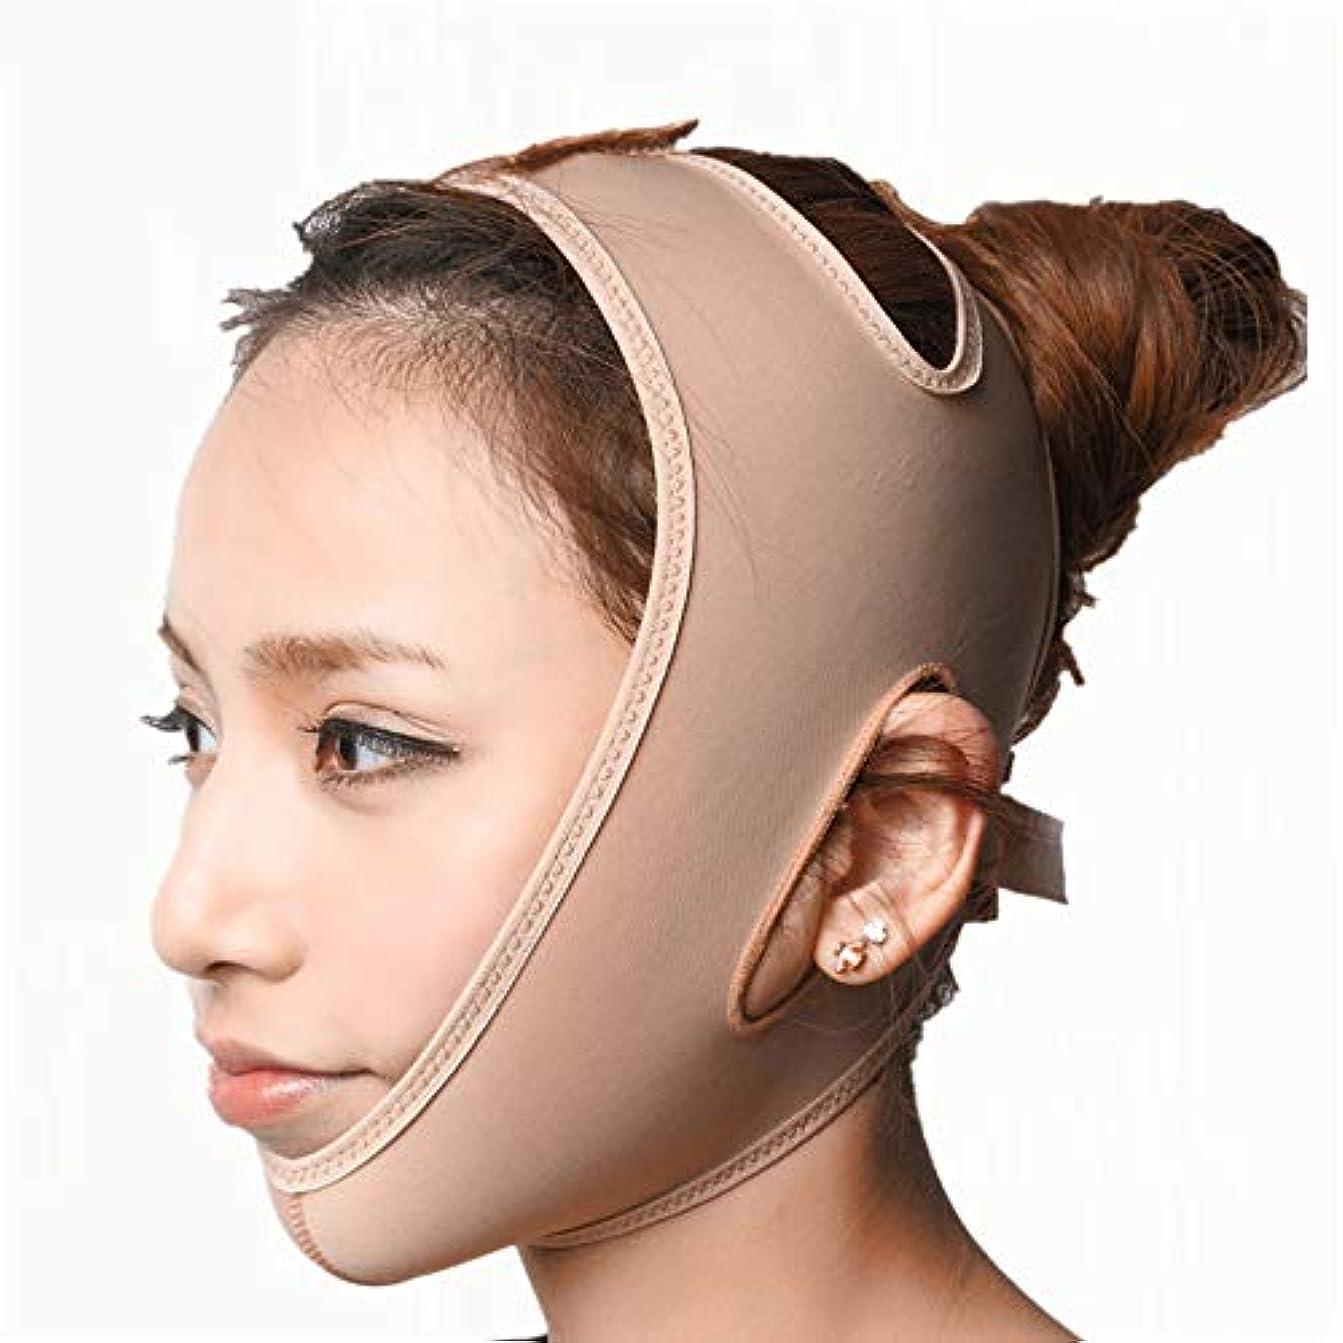 実験的スキップ啓発するXINGZHE 顔の持ち上がる痩身ベルト - アンチエイジングリンクルフェイスマスクベルトシンフェイス包帯整形マスクは顔と首を締めますフェイススリム フェイスリフティングベルト (サイズ さいず : XL)